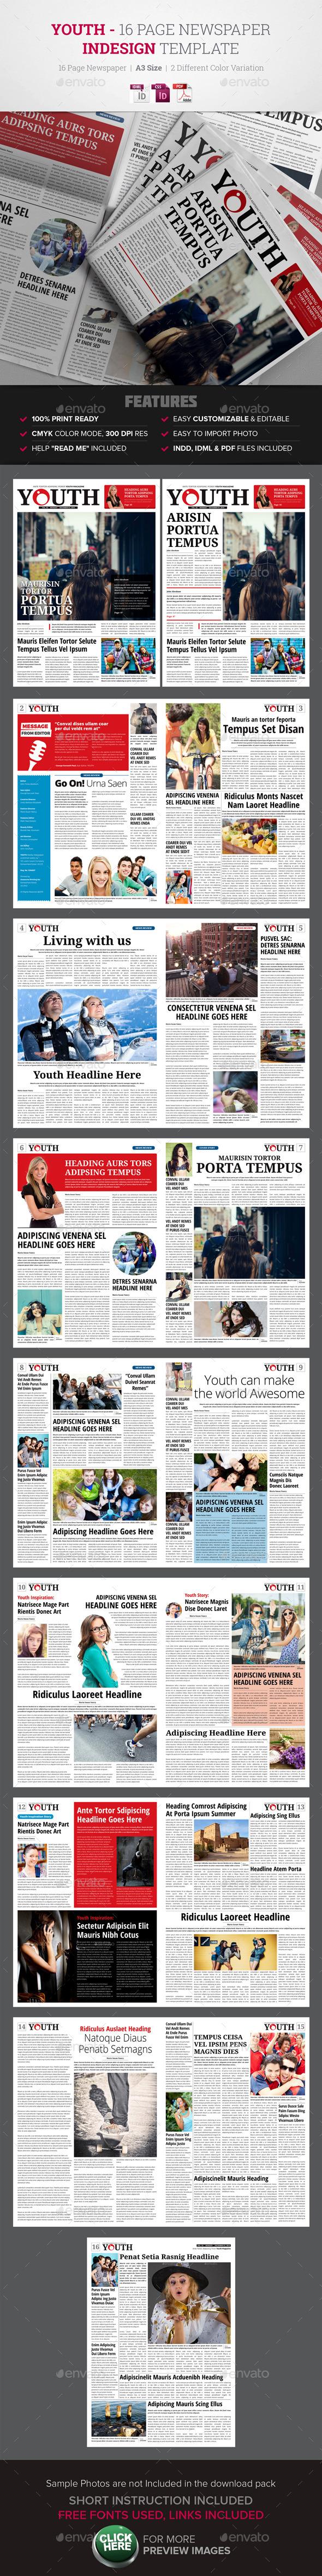 16 Page Newspaper InDesign v1